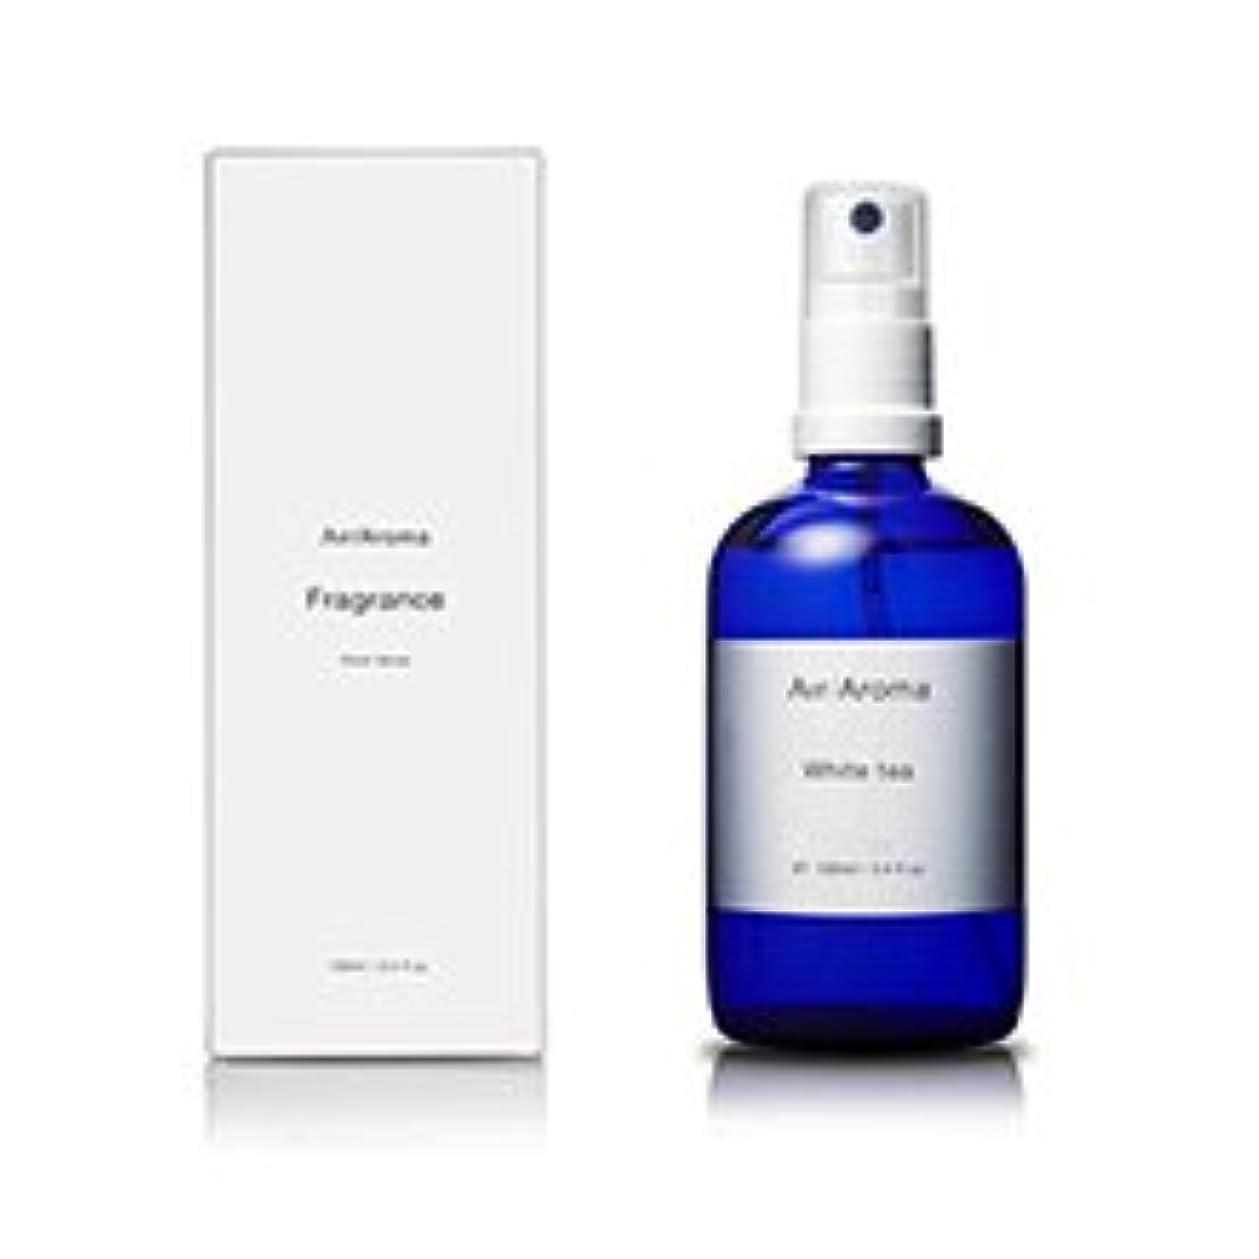 夕方ライオン限りなくエアアロマ white tea room fragrance(ホワイトティ ルームフレグランス)100ml